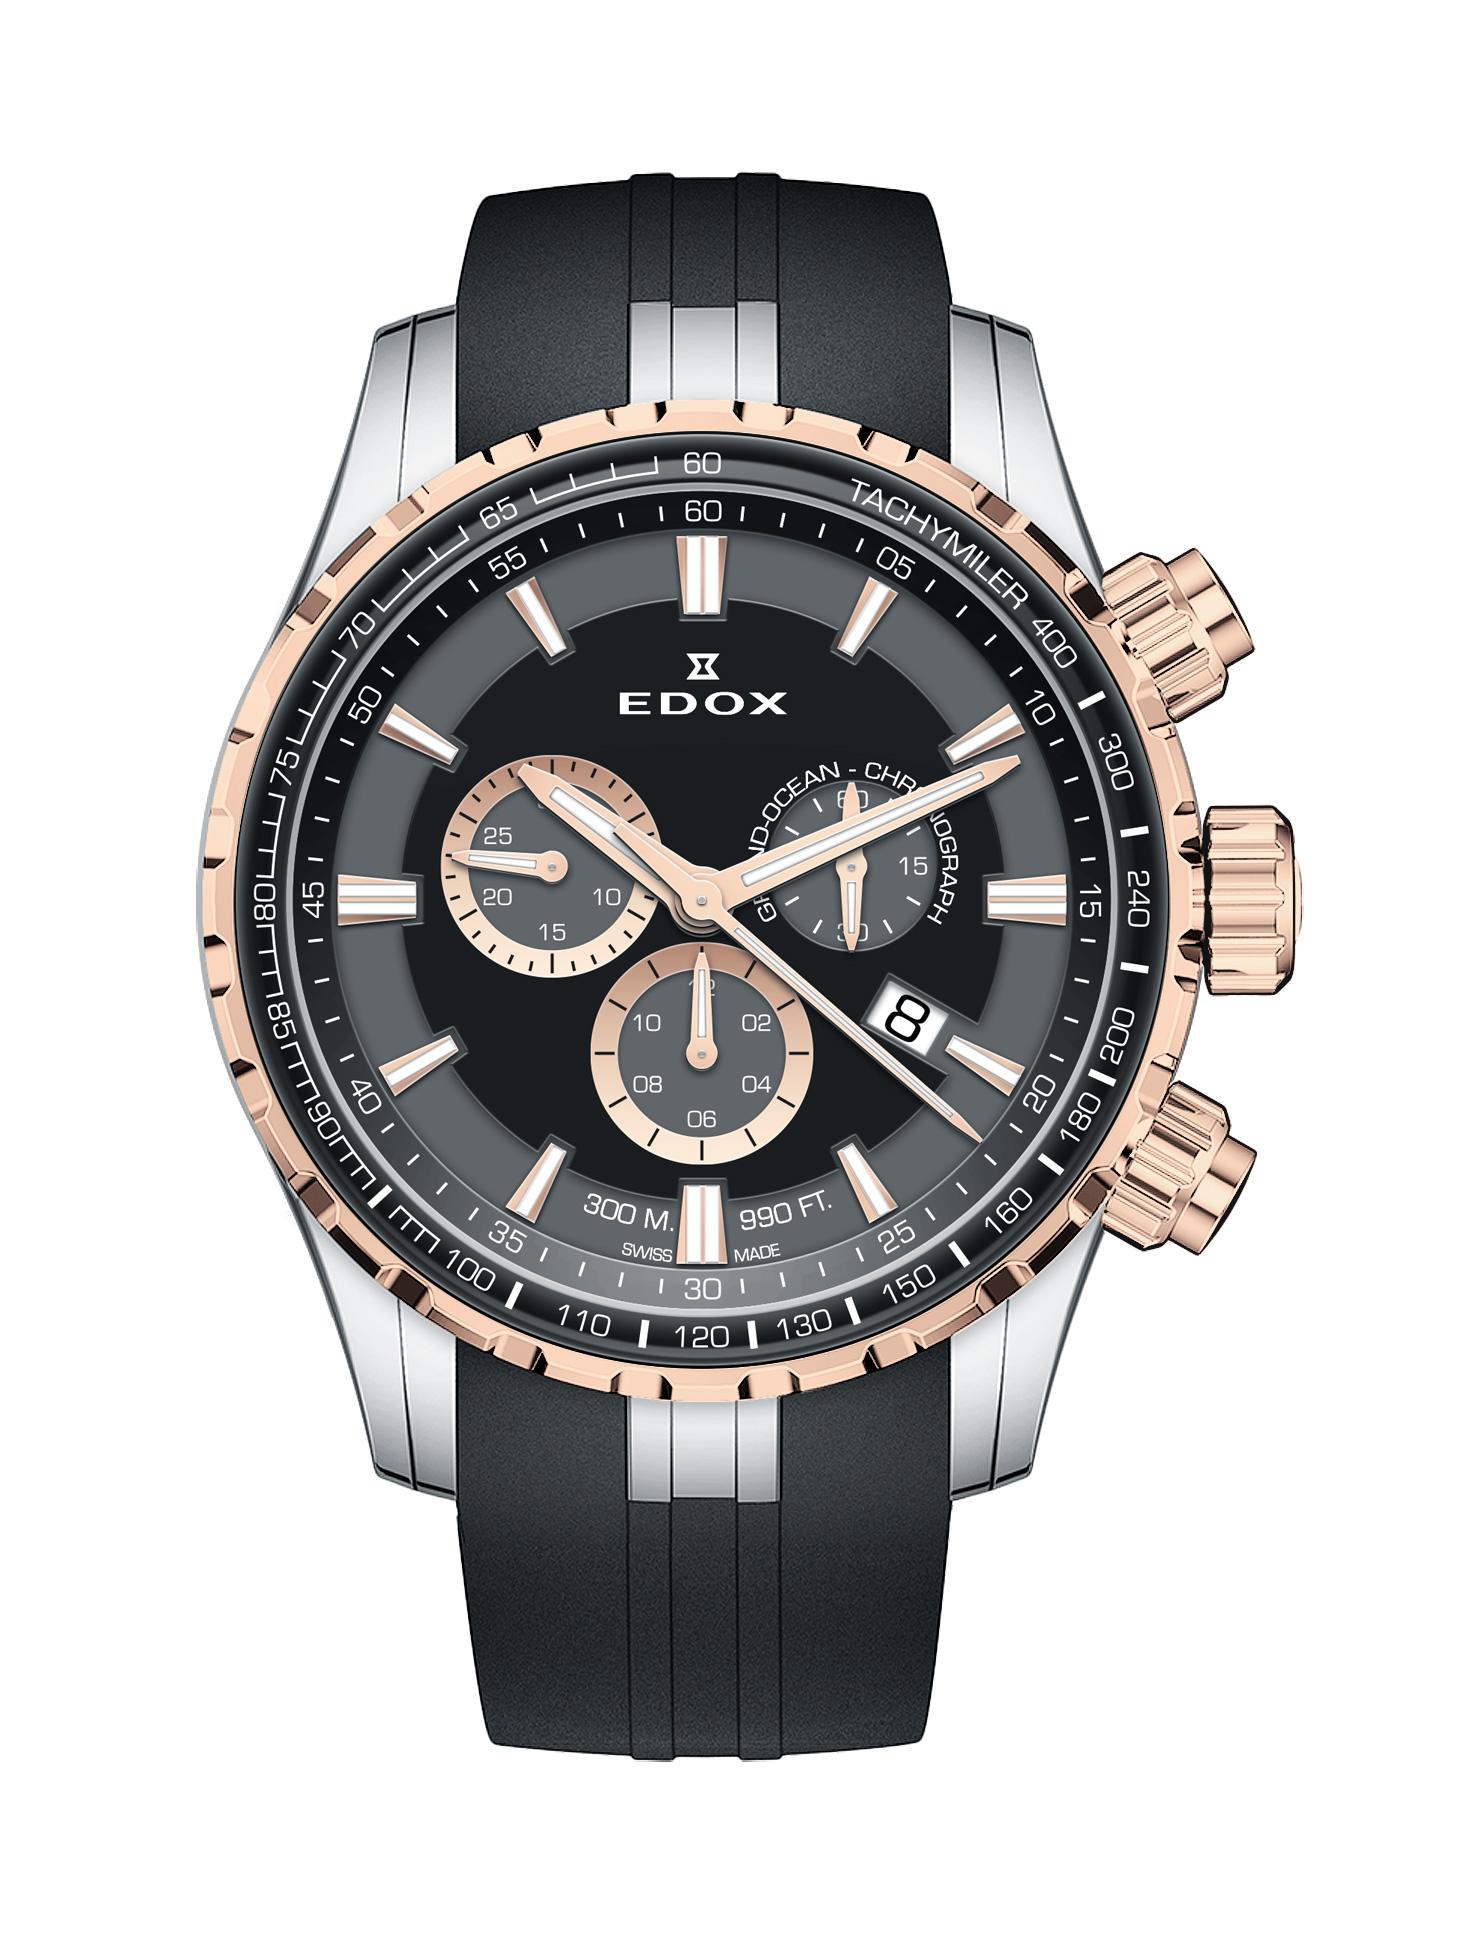 EDOX-Grand Ocean Chrono-10226 357RCA NIR